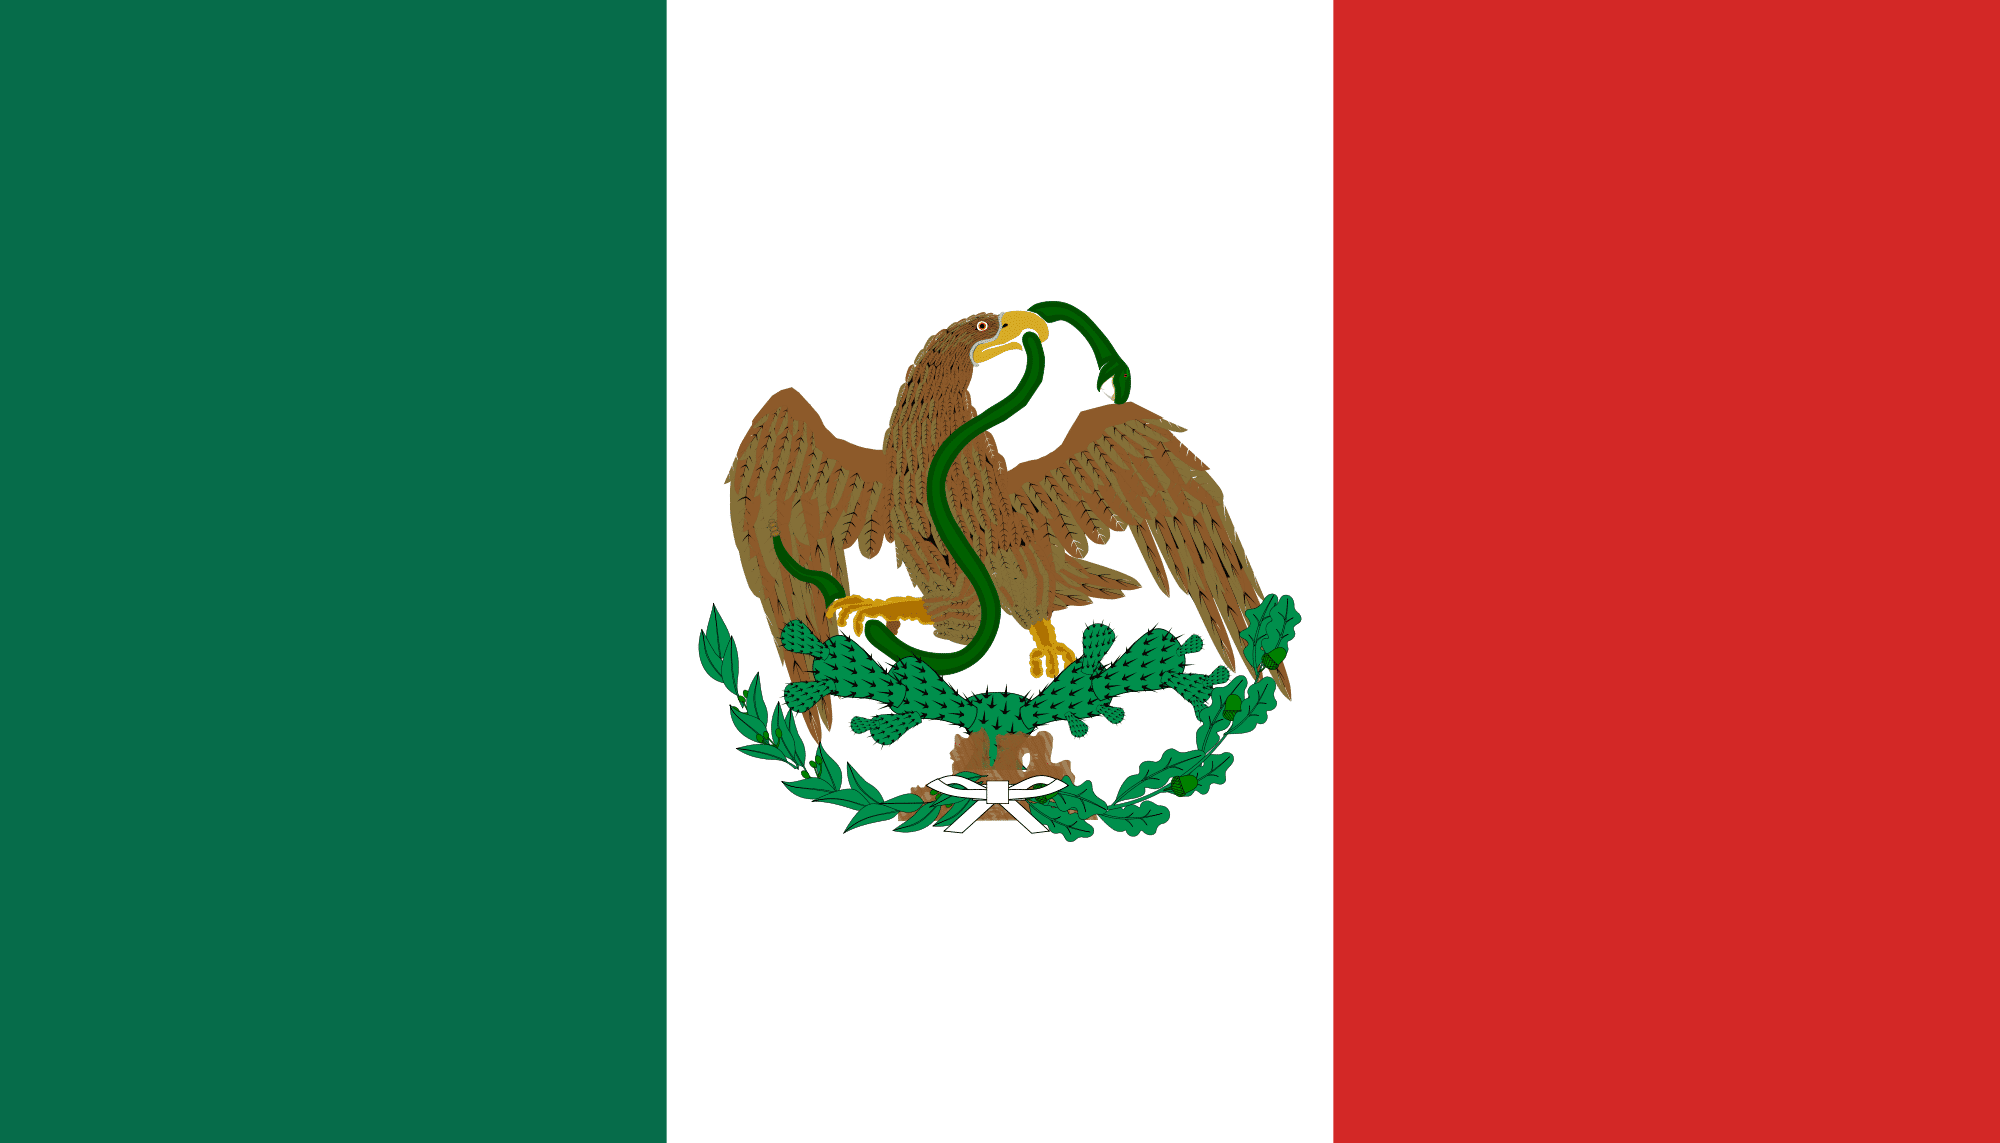 Quinta bandera de la historia de México